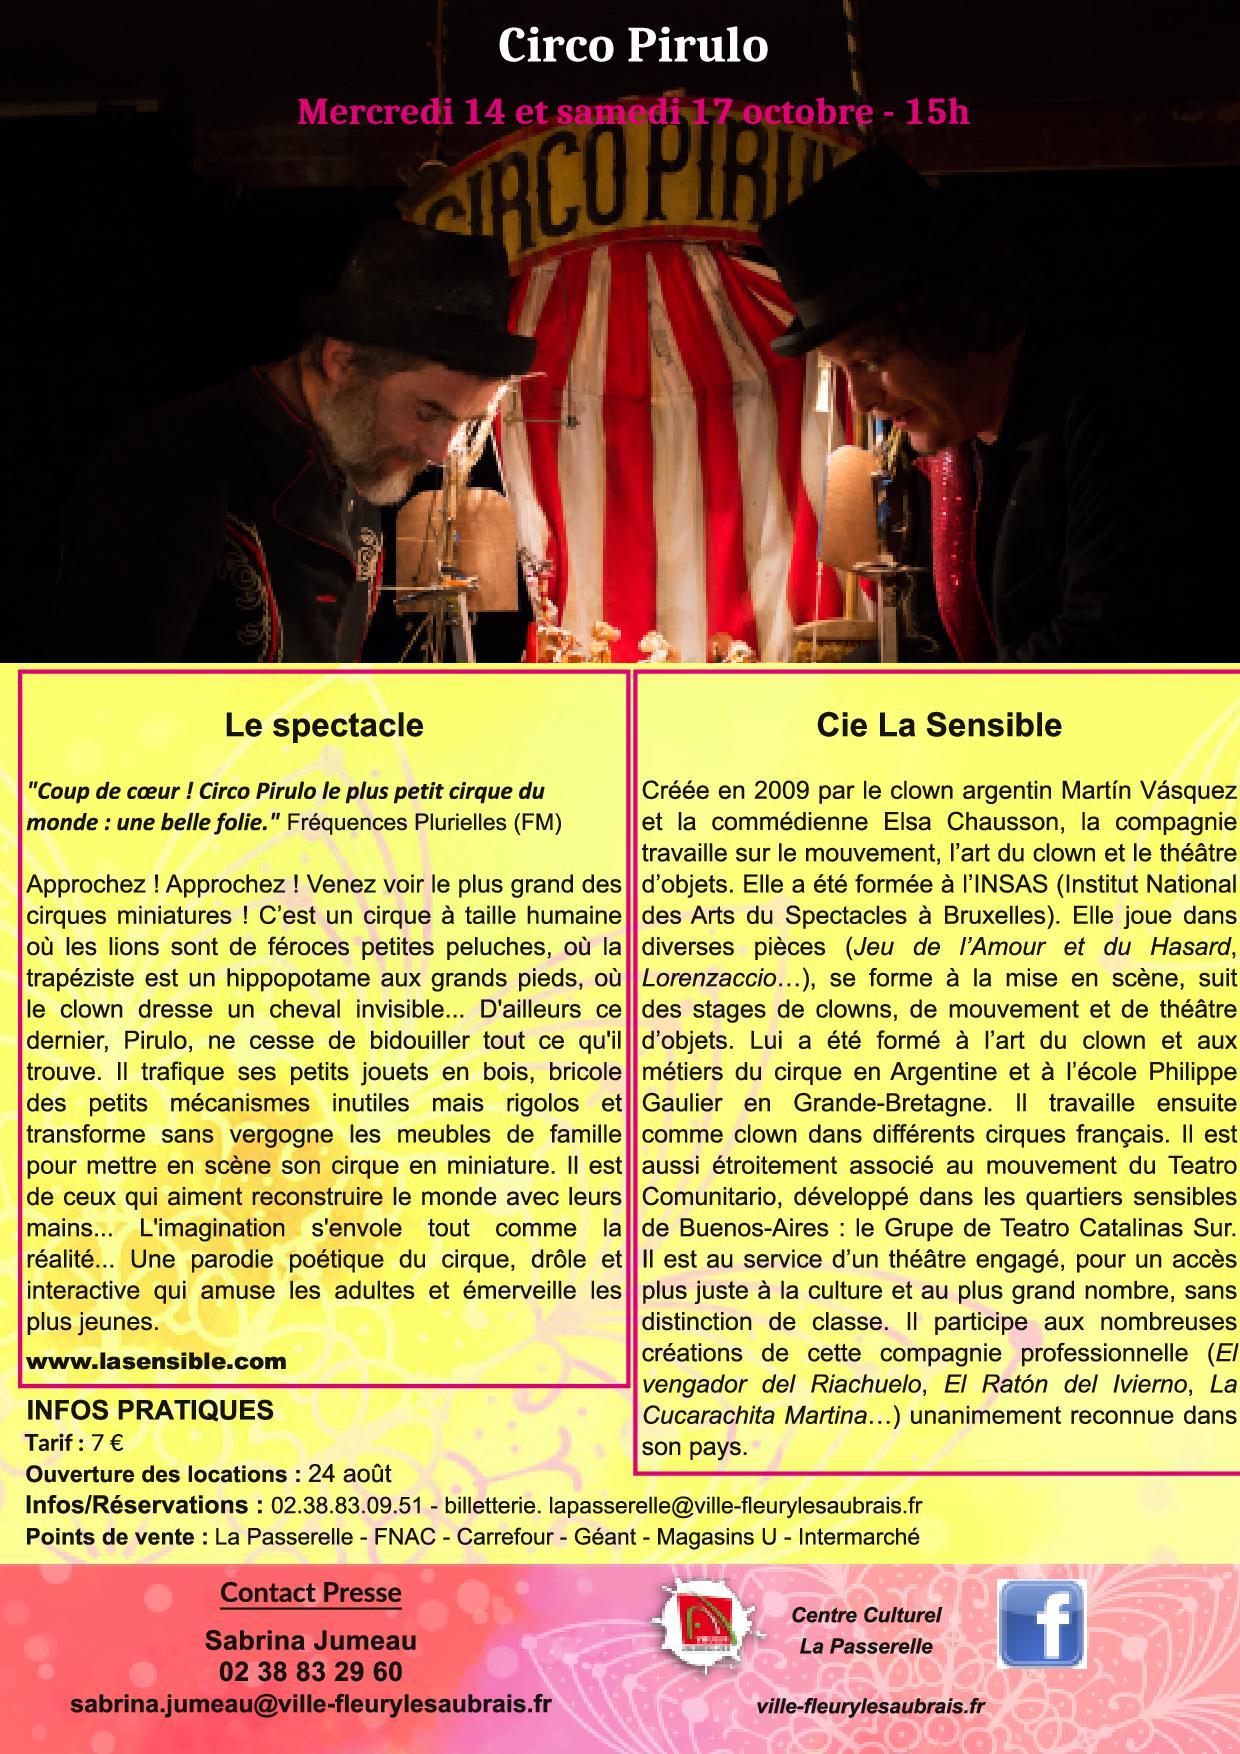 Circo Pirulo - 14 et 17 octobre.jpg